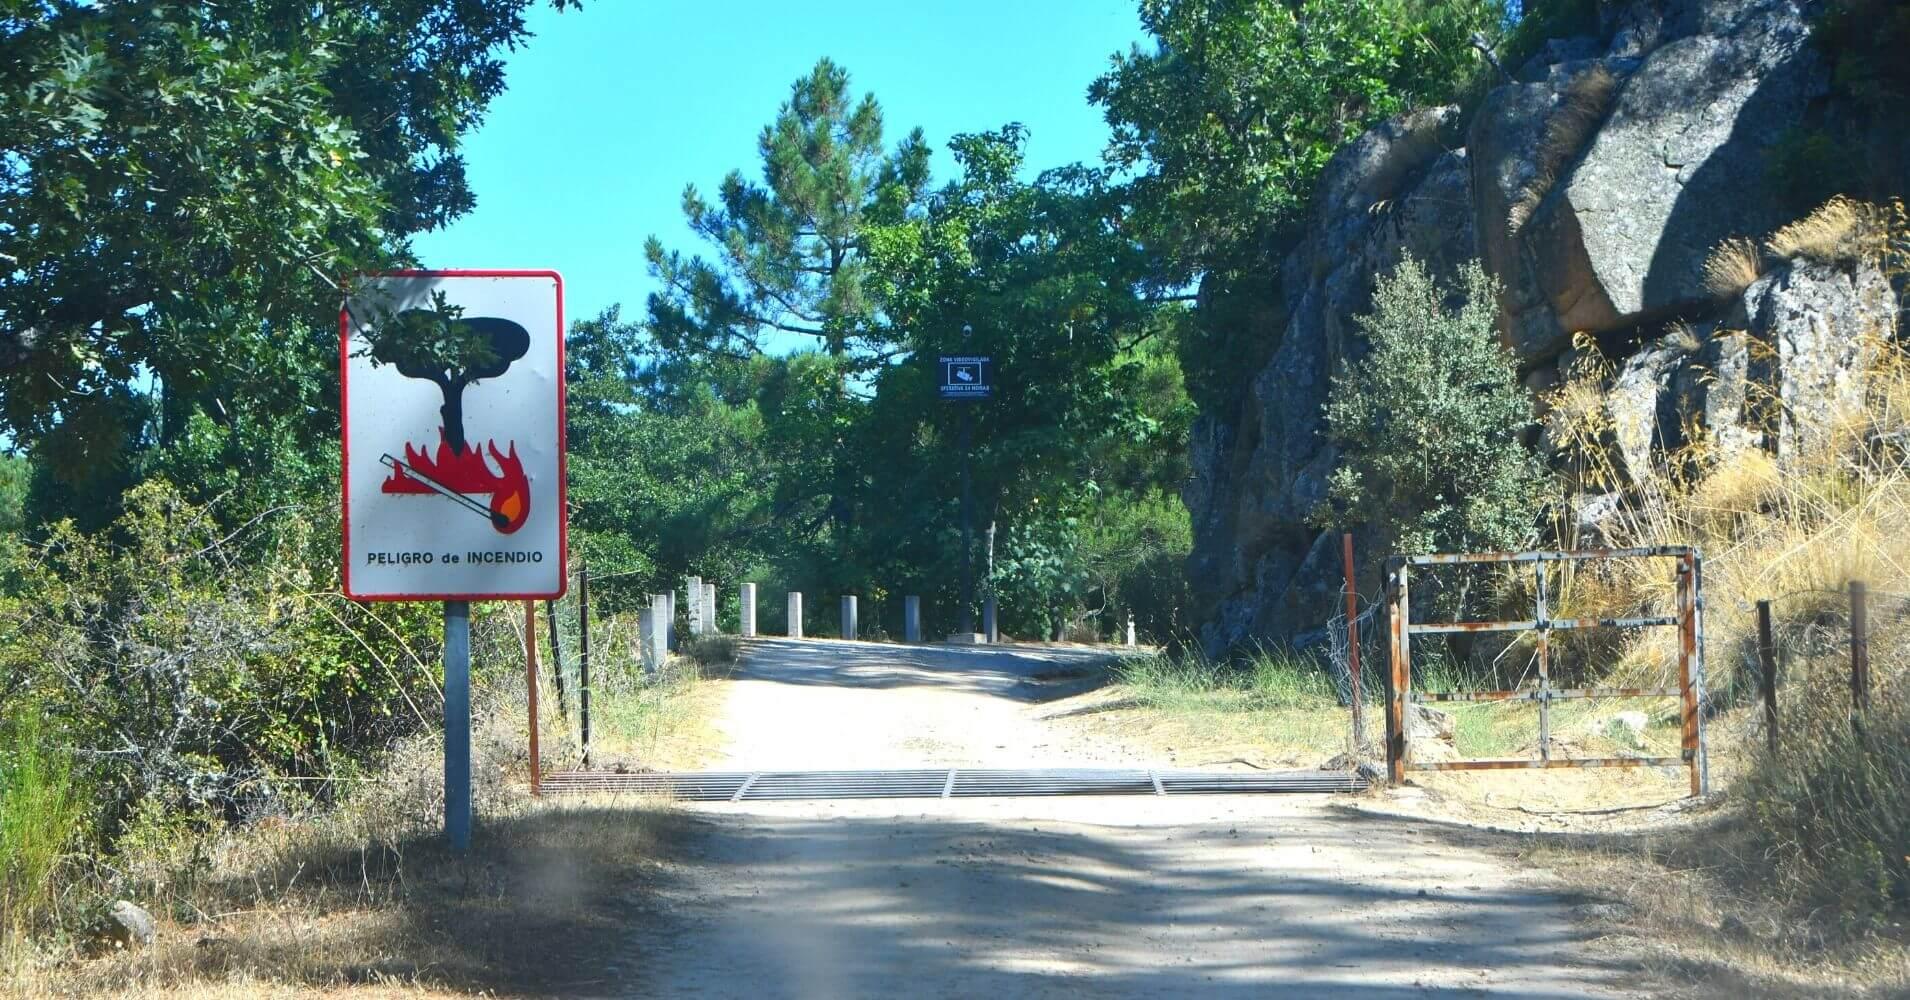 Pistas Forestales de la Ruta 4x4 Rumbo a Gredos. San Bartolomé de Pinares. Ávila, Castilla y León.